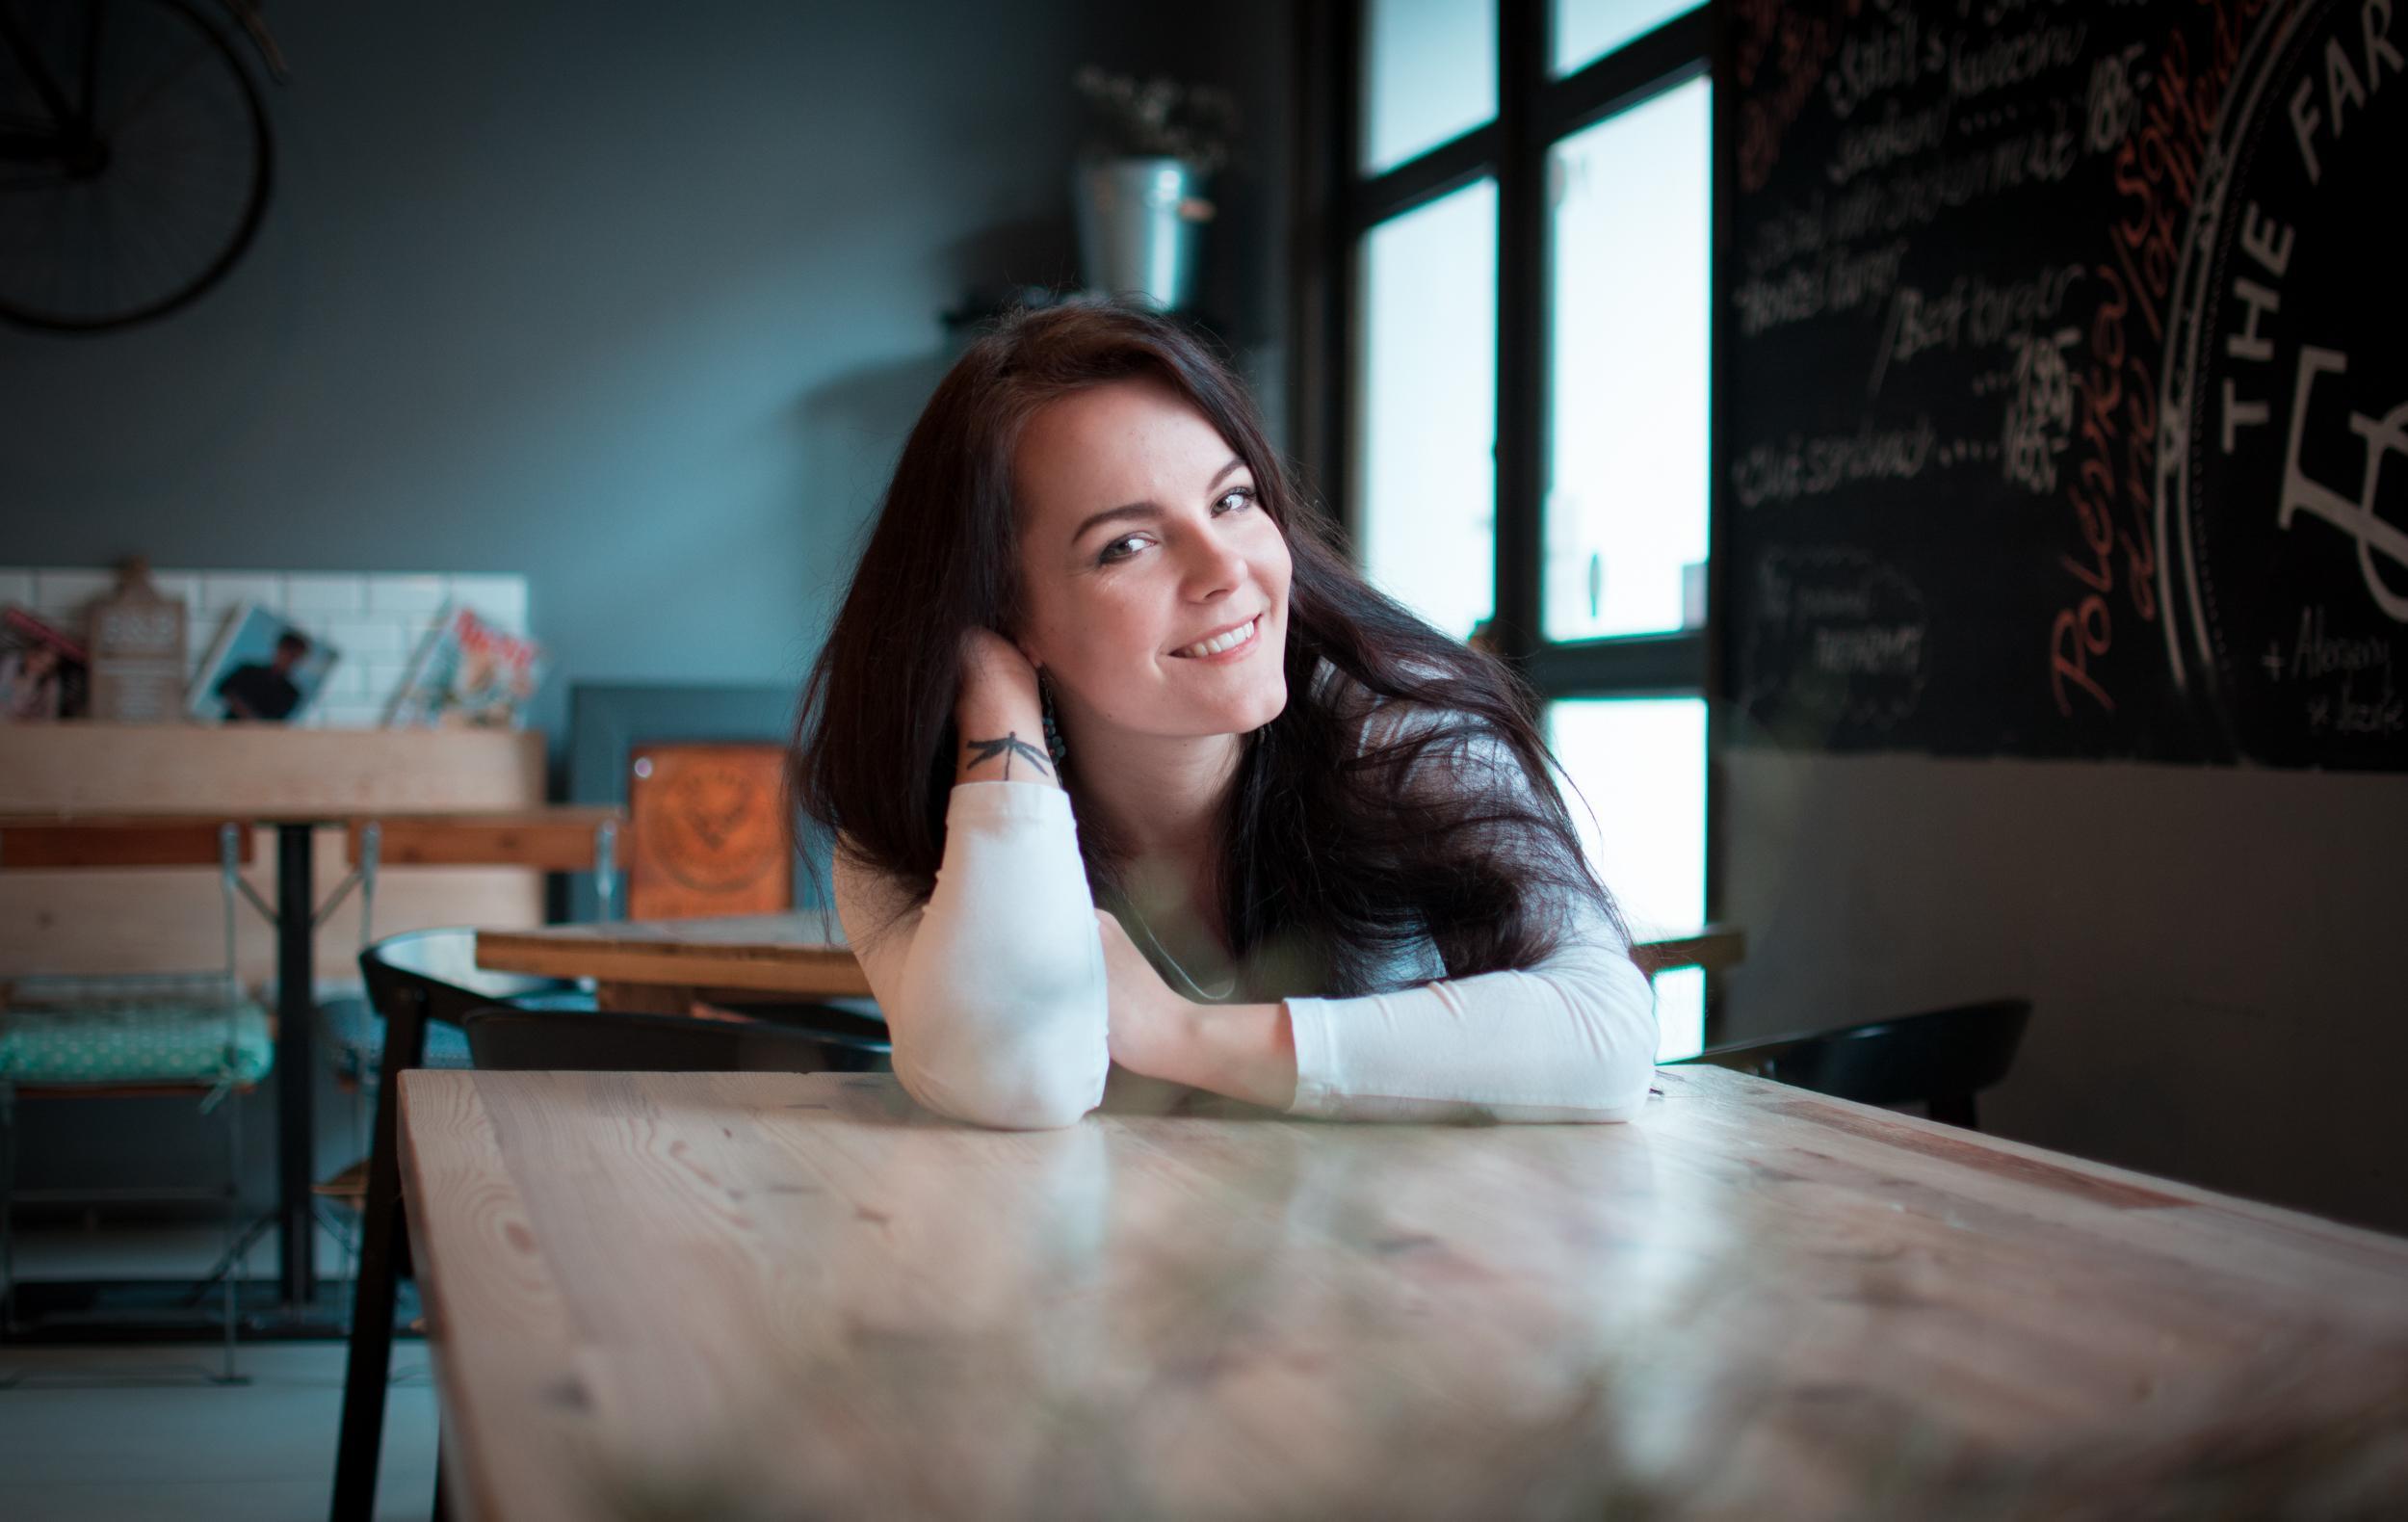 Písničkářka Veronika Wildová představuje skladbu a klip Krásnější ženy!